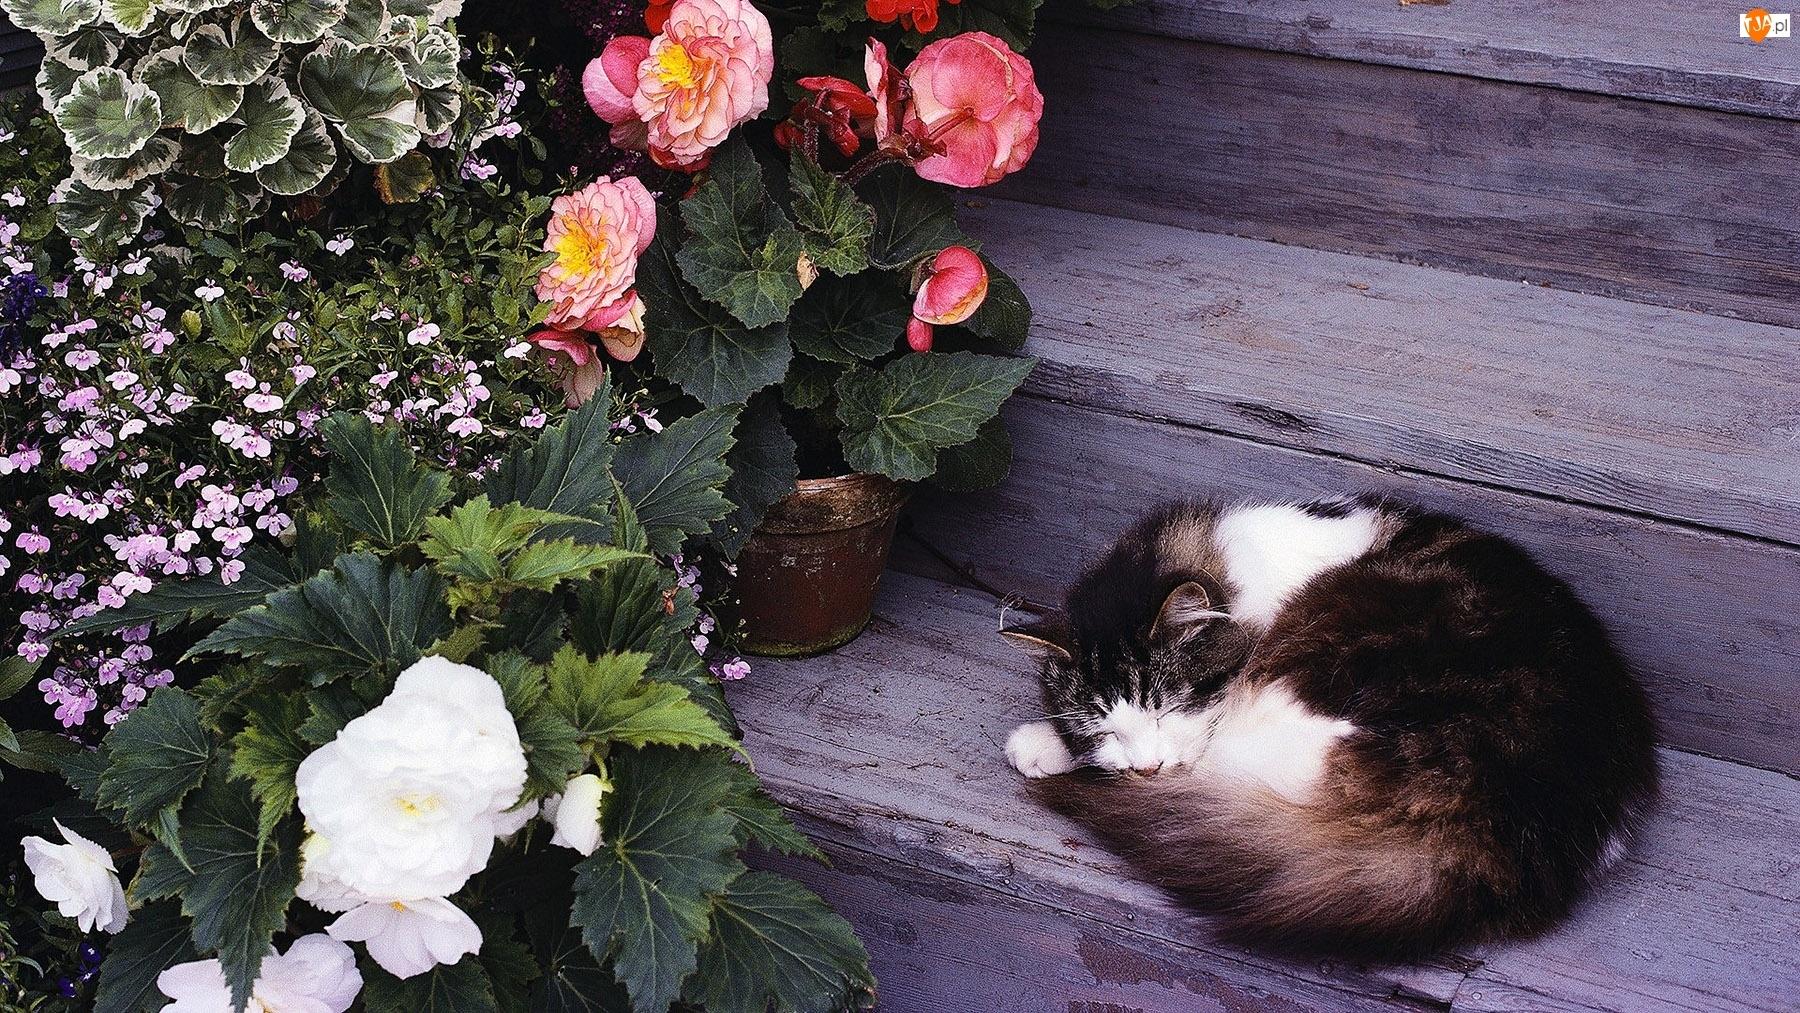 Begonia, Śpiący, Schody, Kot, Kwiaty